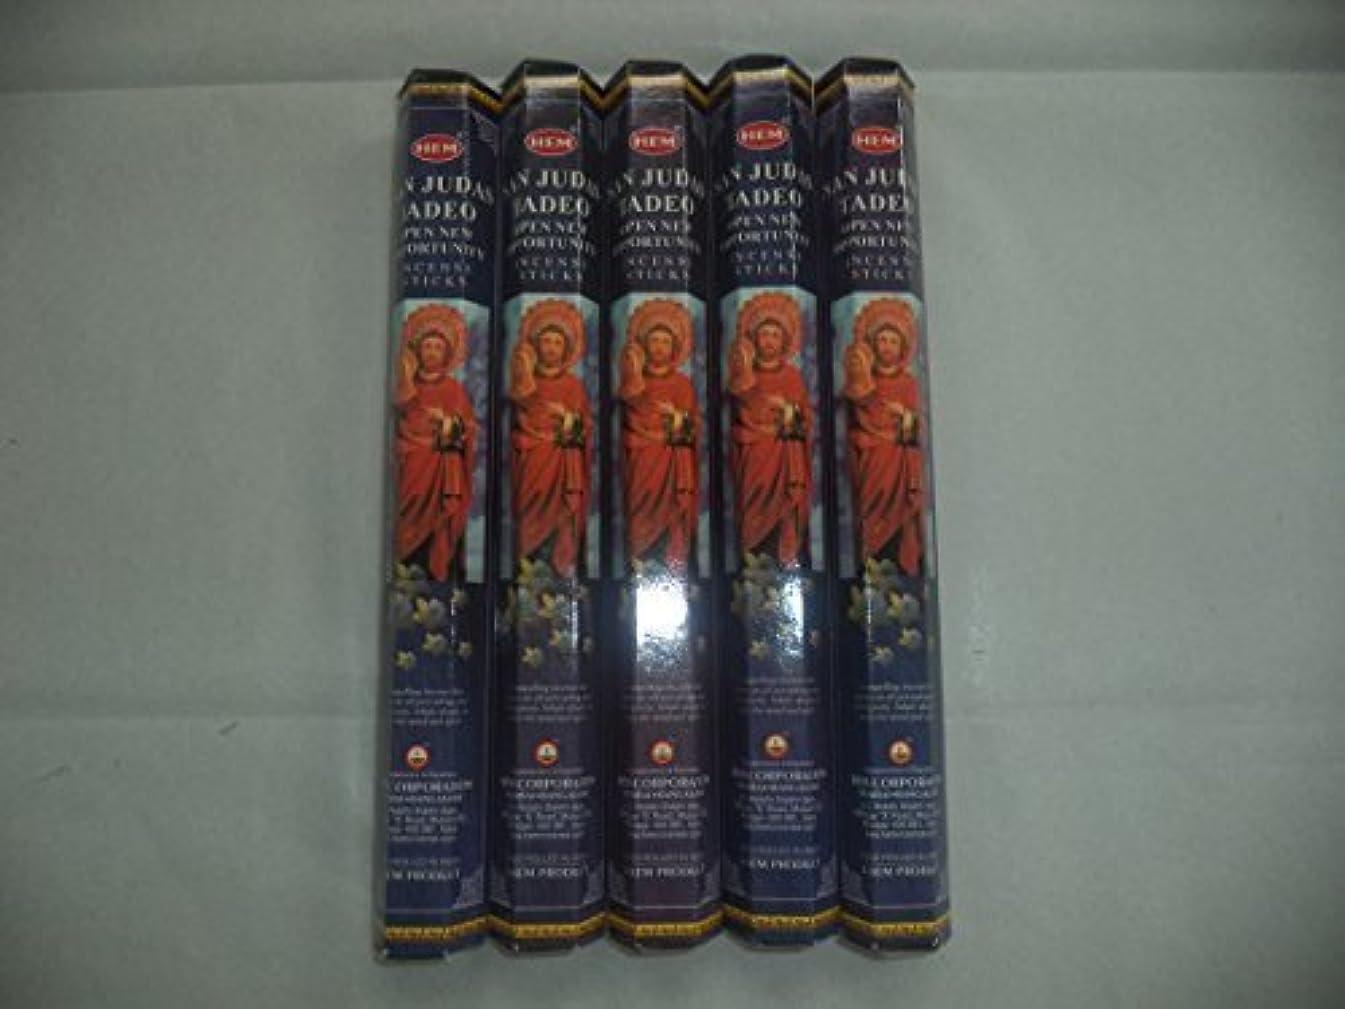 戸棚ダメージカートンHEM San Judas Tadeo 100 Incense Sticks (5 x 20 stick packs) by Hem [並行輸入品]